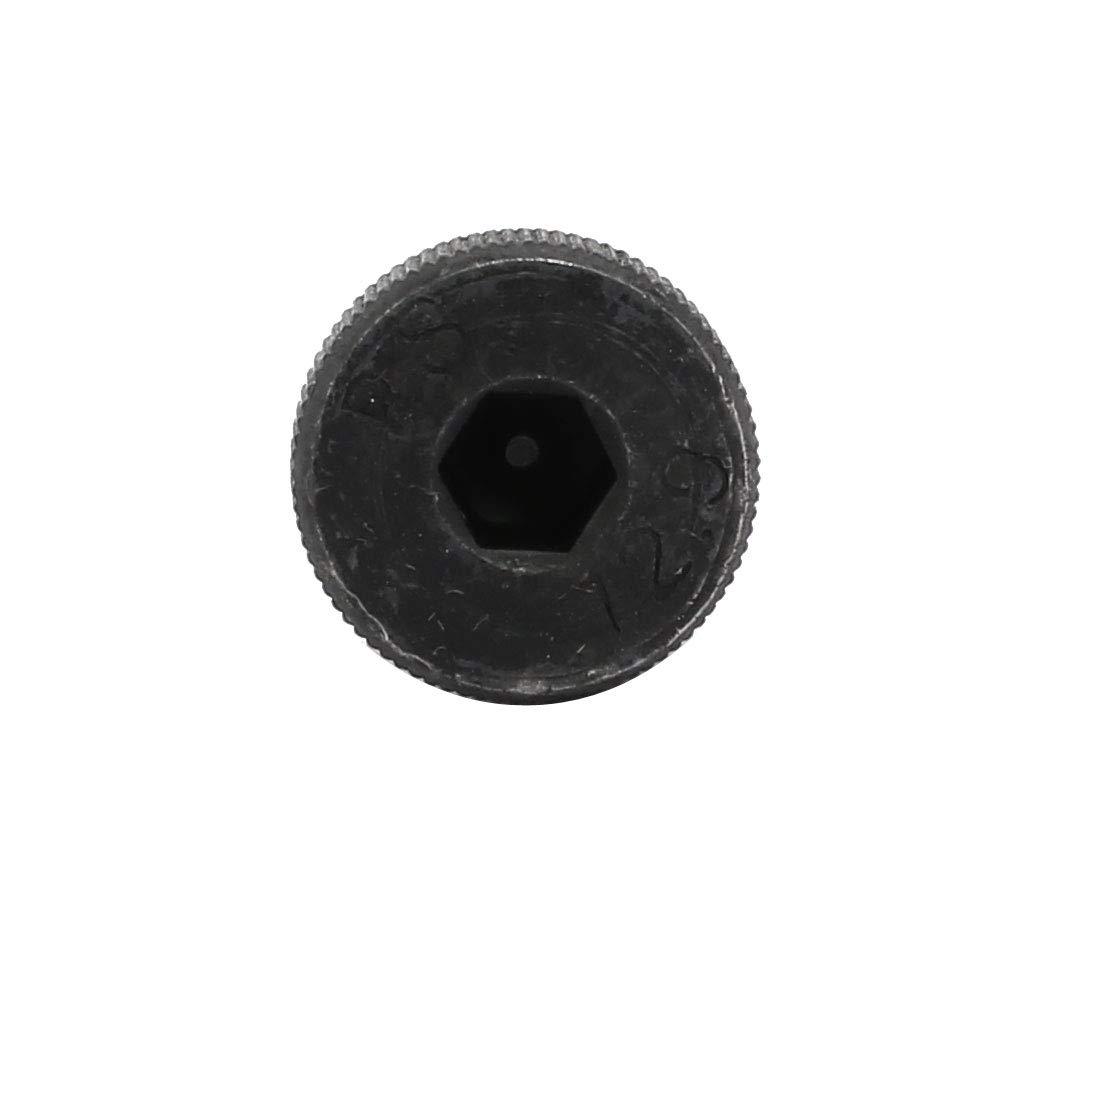 sourcing map 5pcs 40Cr Boulon D/épaule 10mm /Ø 20mm long /épaule M8x13mm